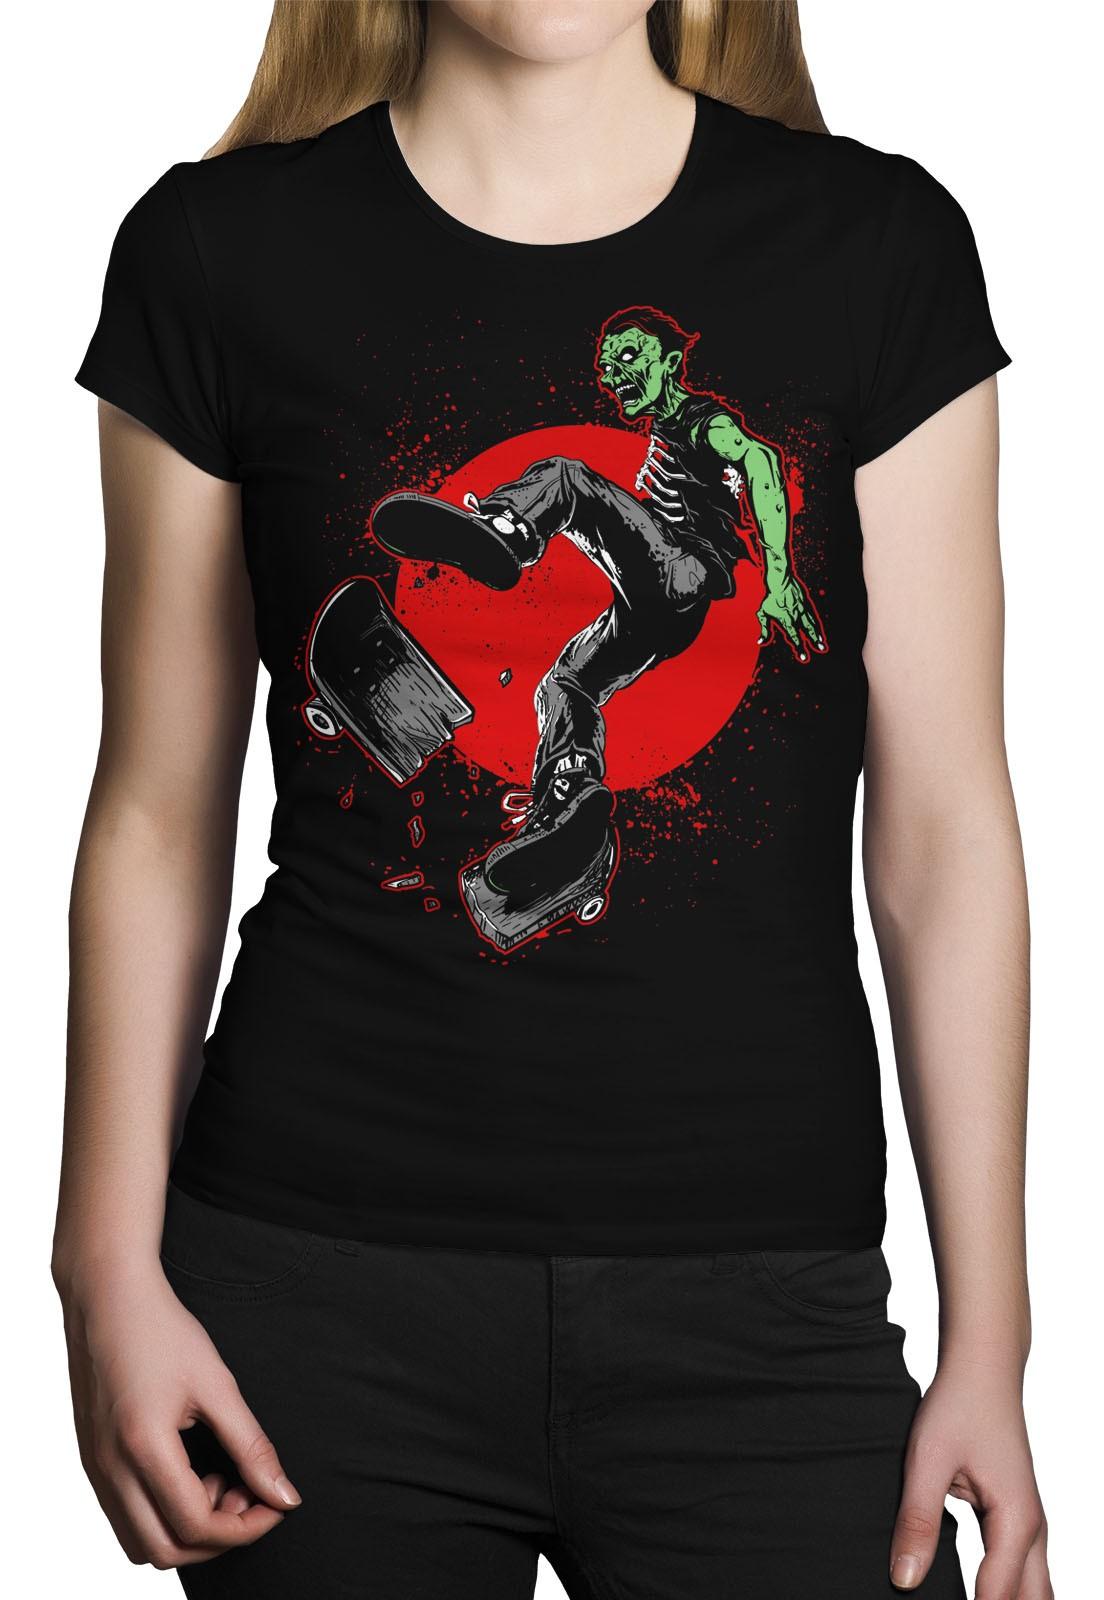 Camiseta HShop Moon Ride Preta  - HShop